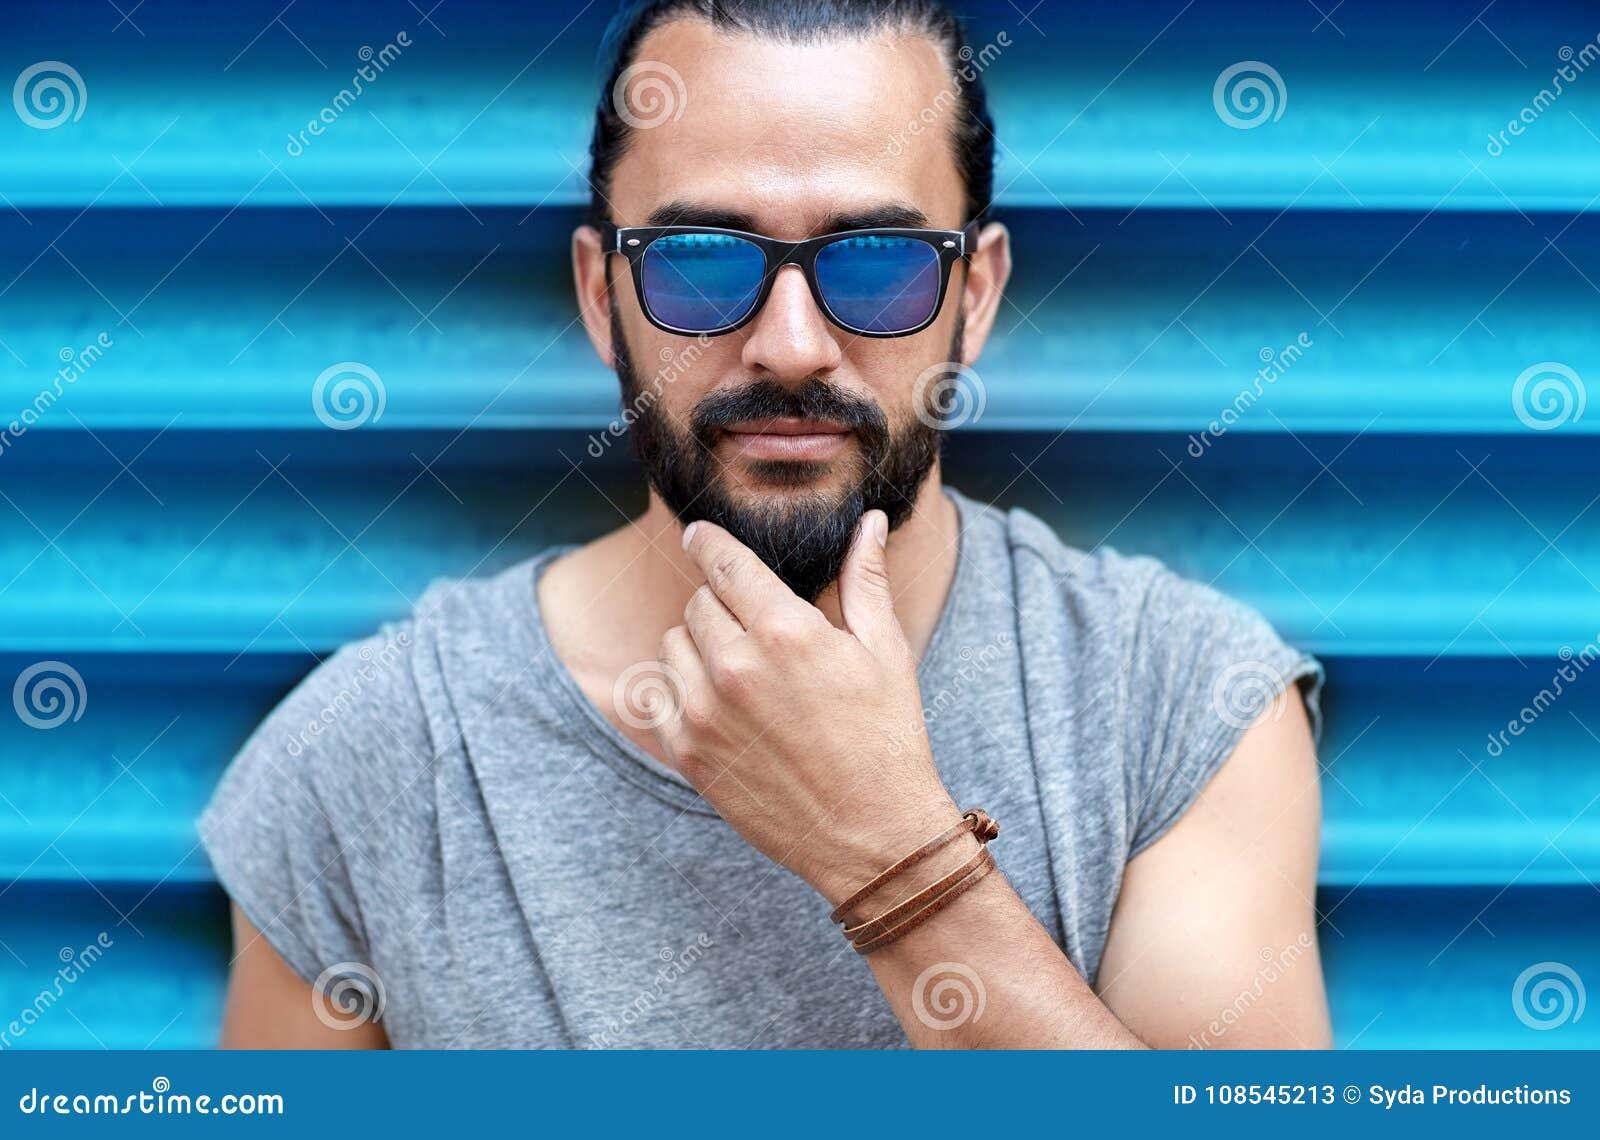 Conceito da forma, do estilo, do eyewear e dos povos - próximo acima do  homem nos óculos de sol que tocam na barba sobre fundo azul com nervuras da  parede b60d6943a8